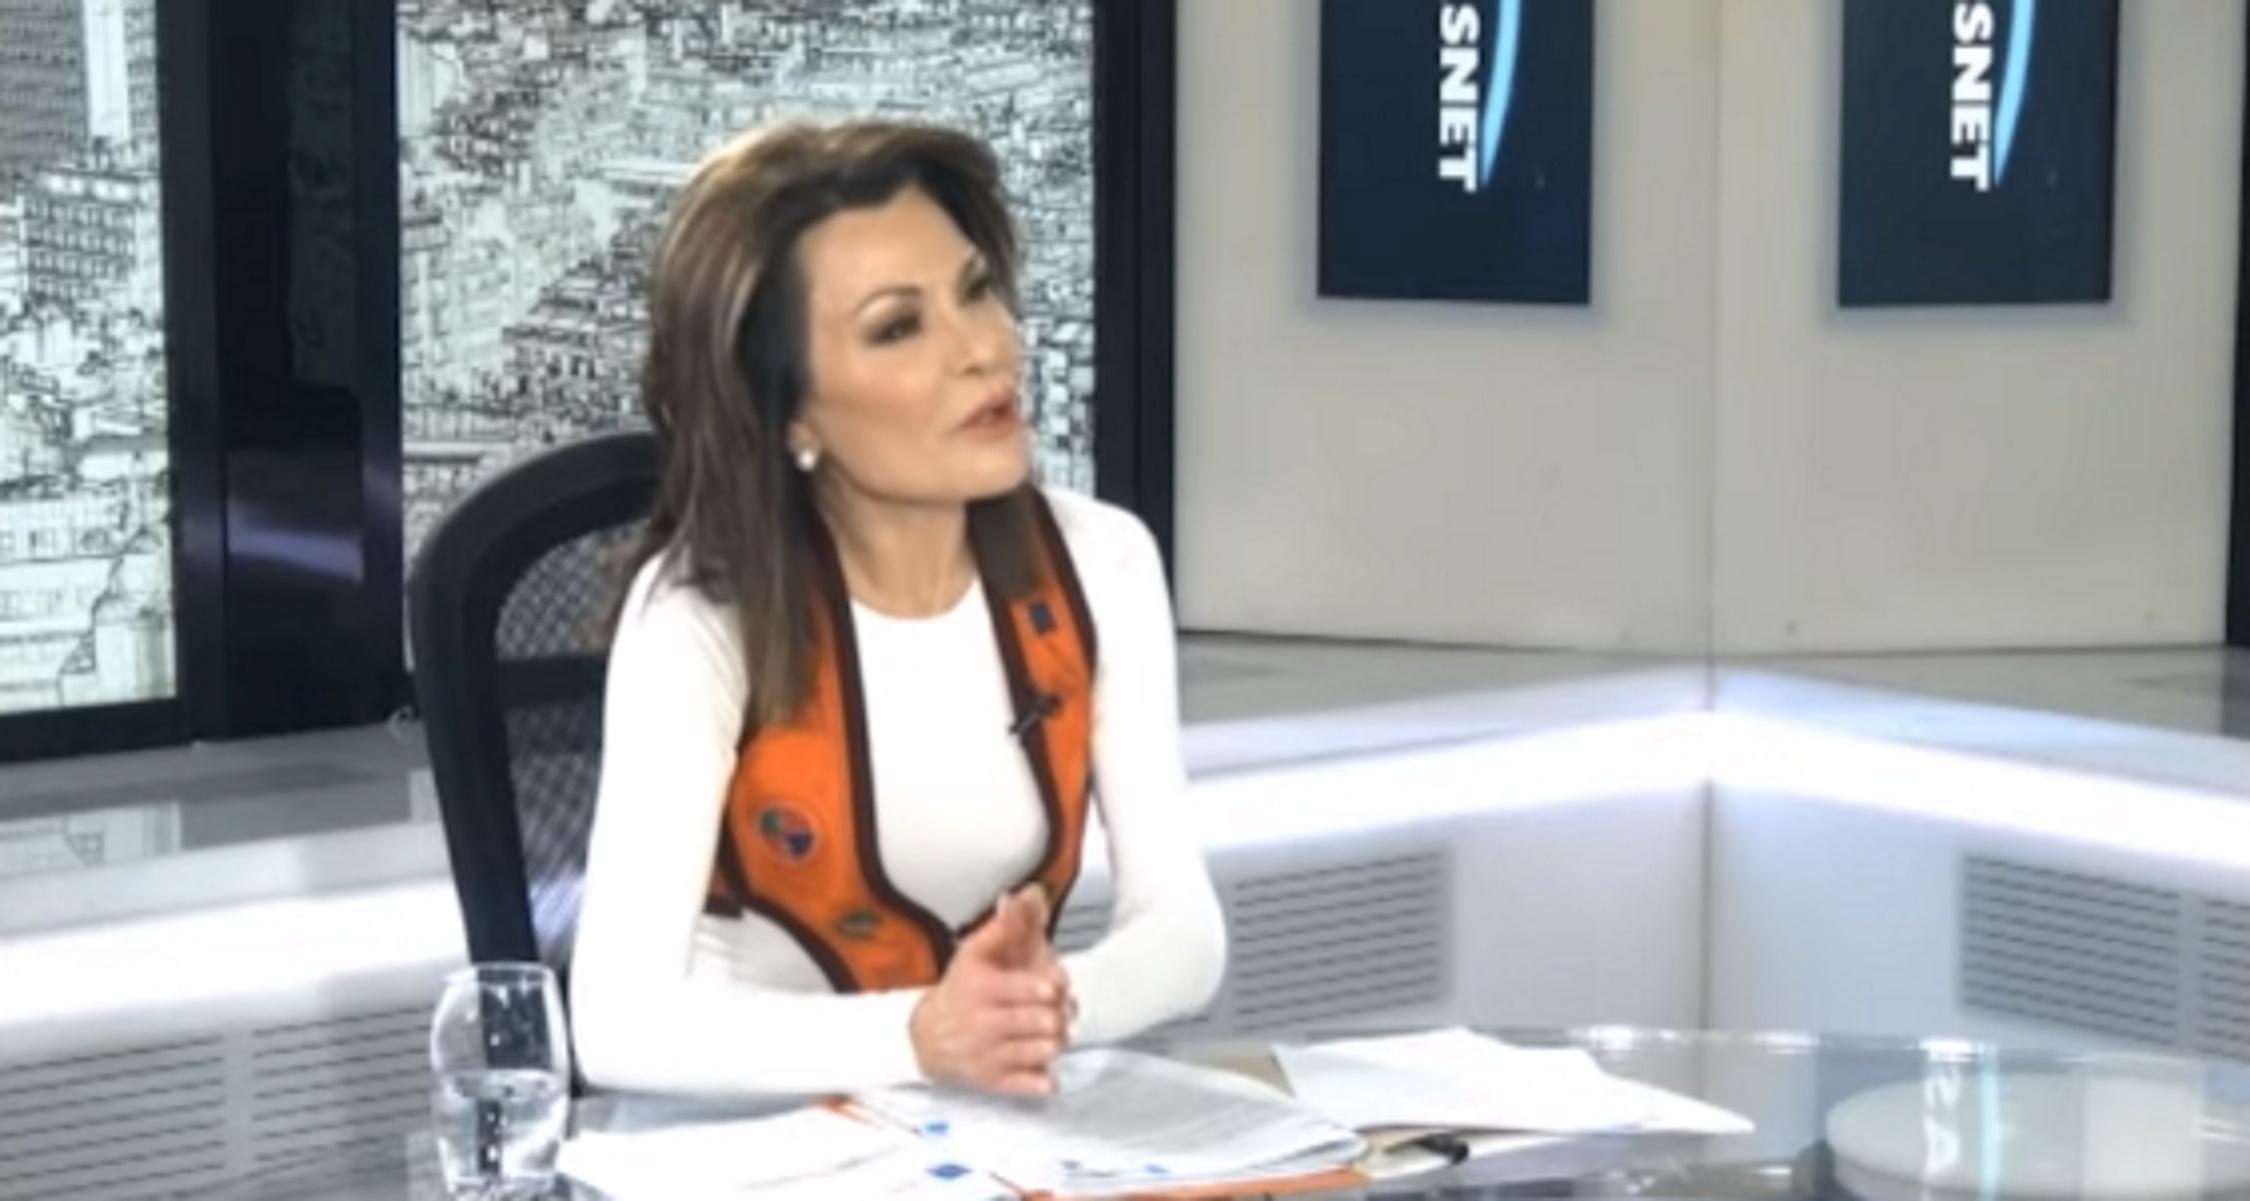 Γιάννα Αγγελοπούλου: Τηλεοπτική εμφάνιση με παραδοσιακό γιλέκο και τζιν